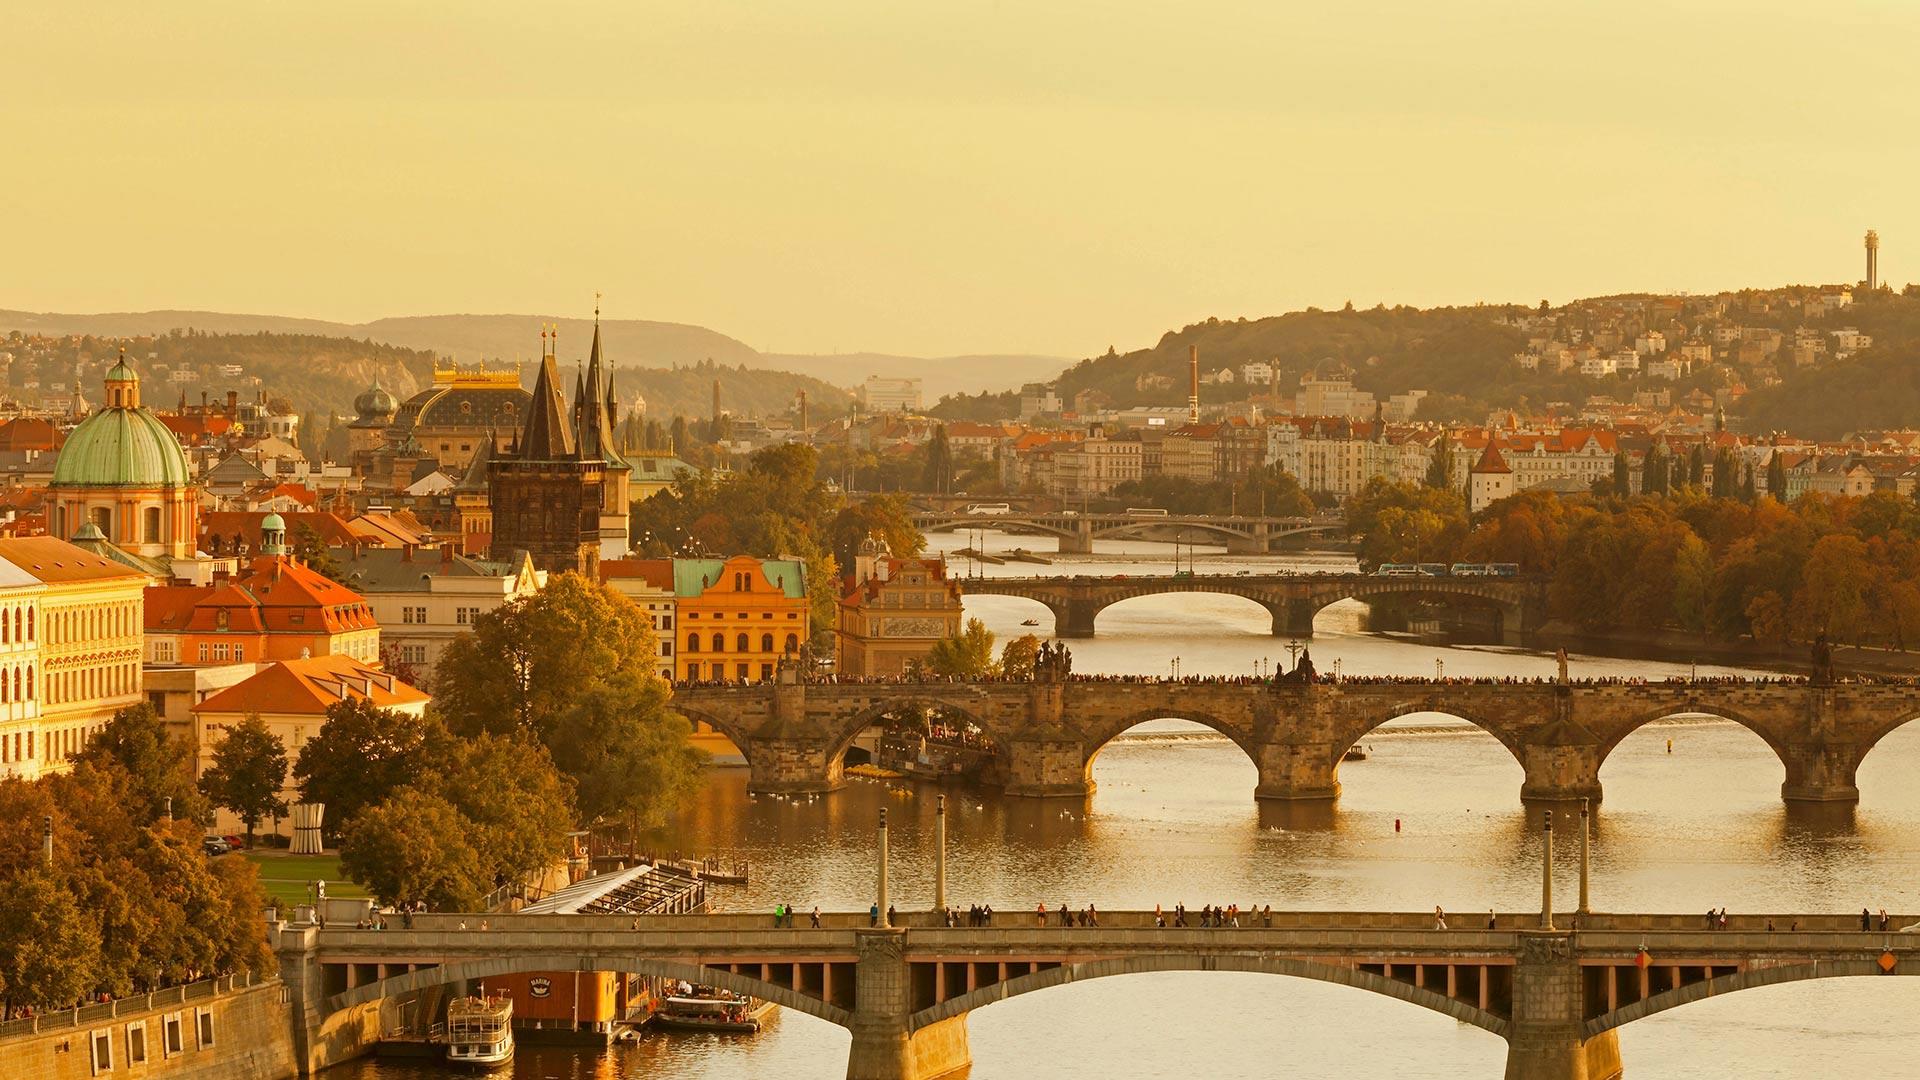 For the 30th anniversary of the Velvet Revolution, bridges over the Vltava River, Prague, Czech Republic (© Markus Lange/Offset)